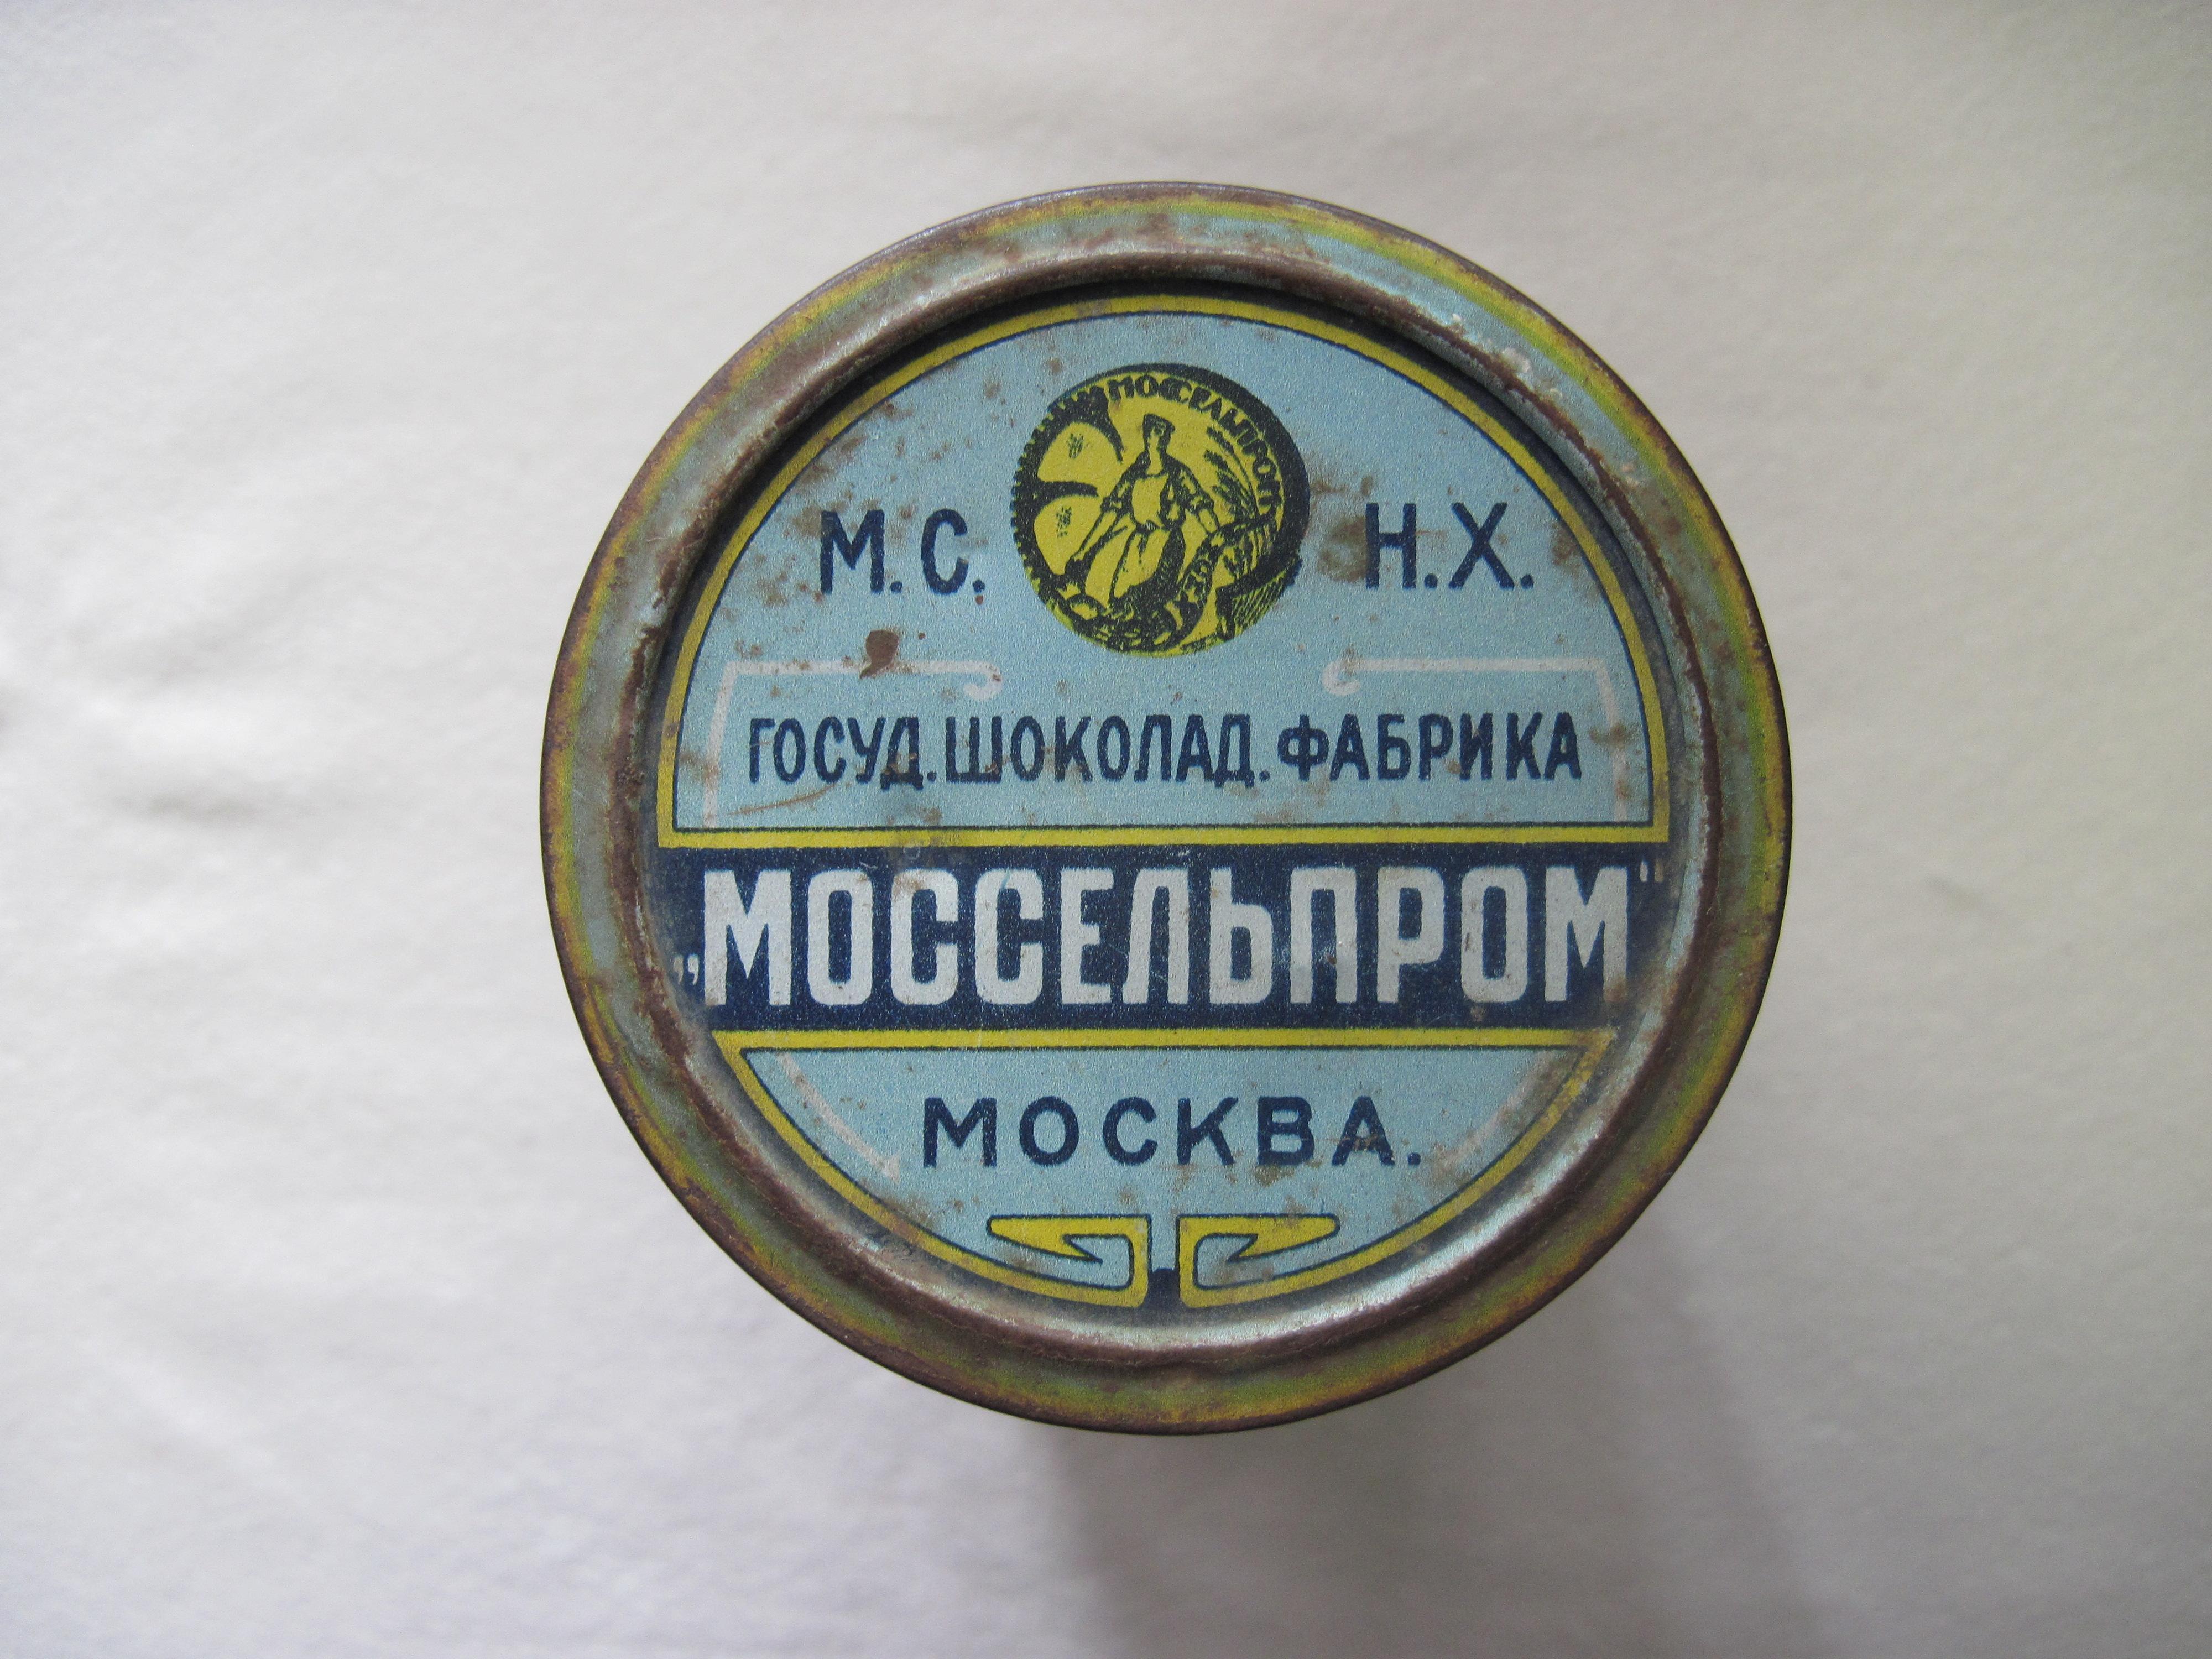 Банка жестяная. Упаковка для какао государственной шоколадной фабрики «Моссельпром». Период создания: 1922-1932 гг.